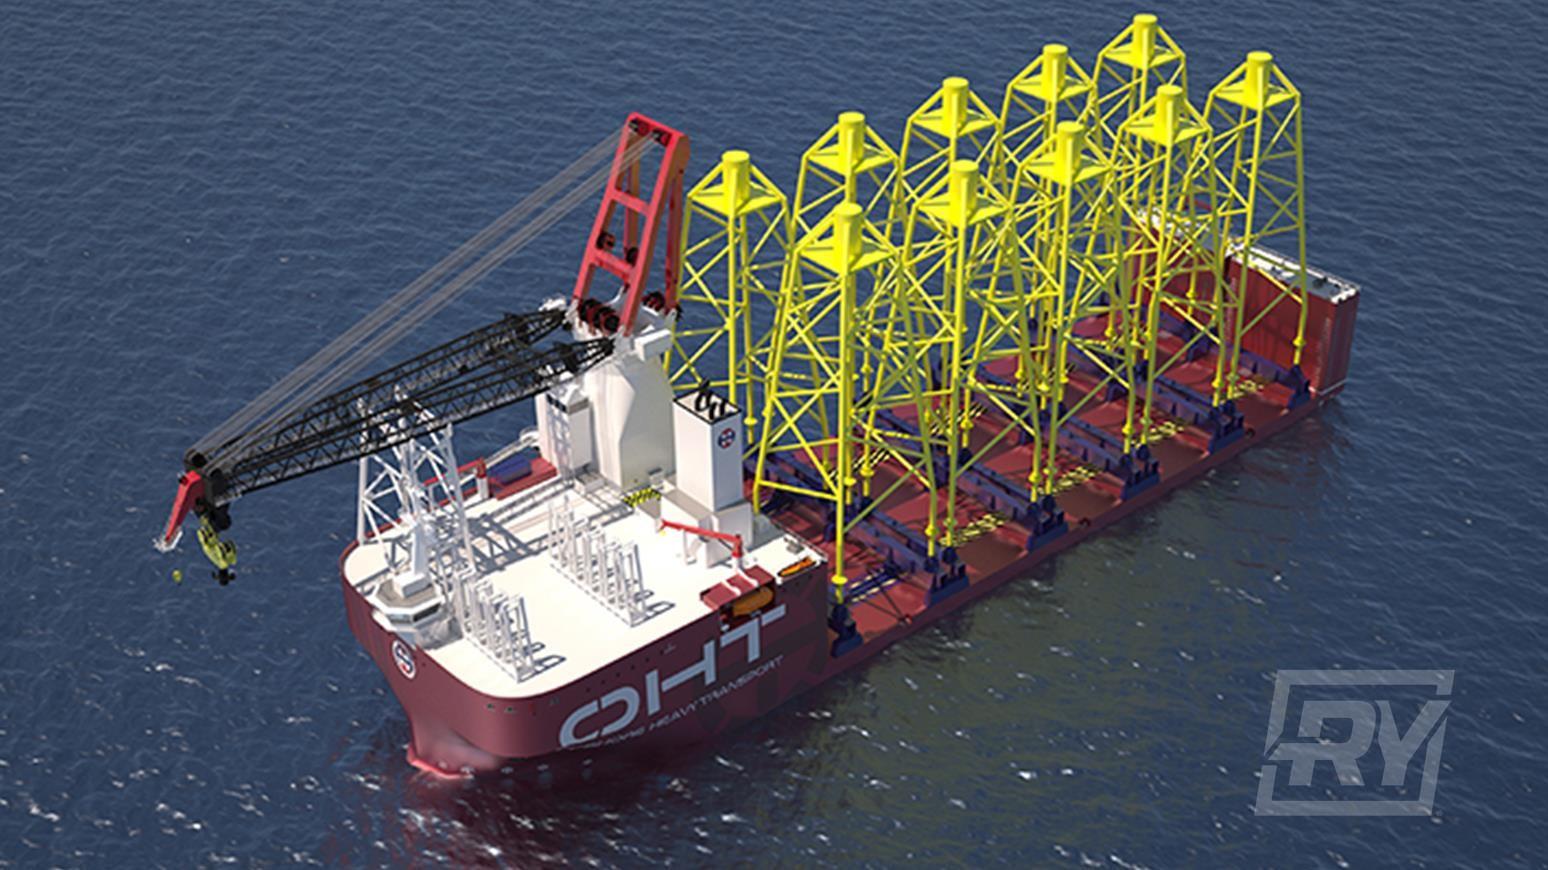 Liebherr Gets Its Feet Wet With Shipbuilding Rentalyard Blog